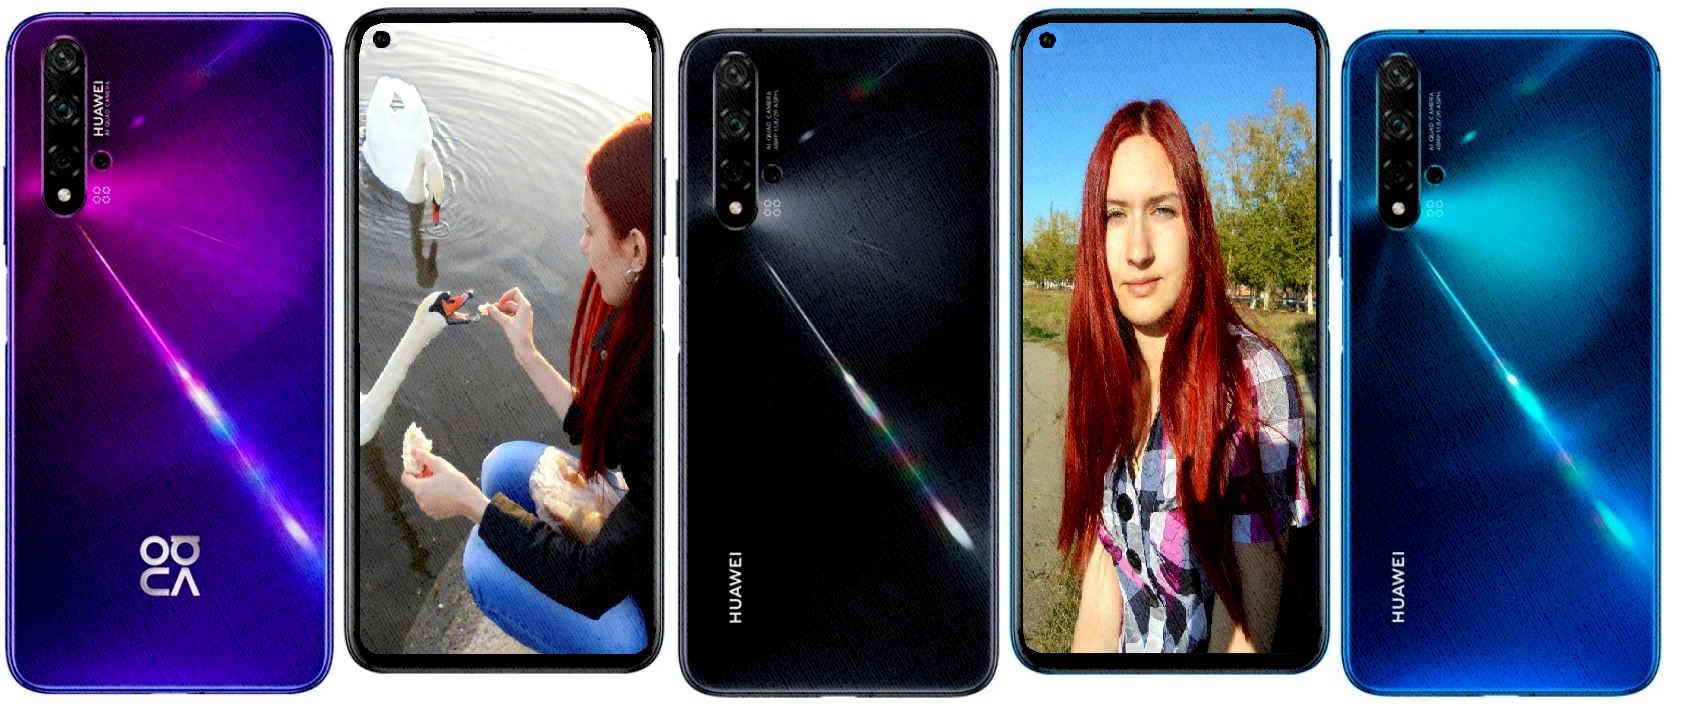 HUAWEI Nova 5T купить в 2020 году